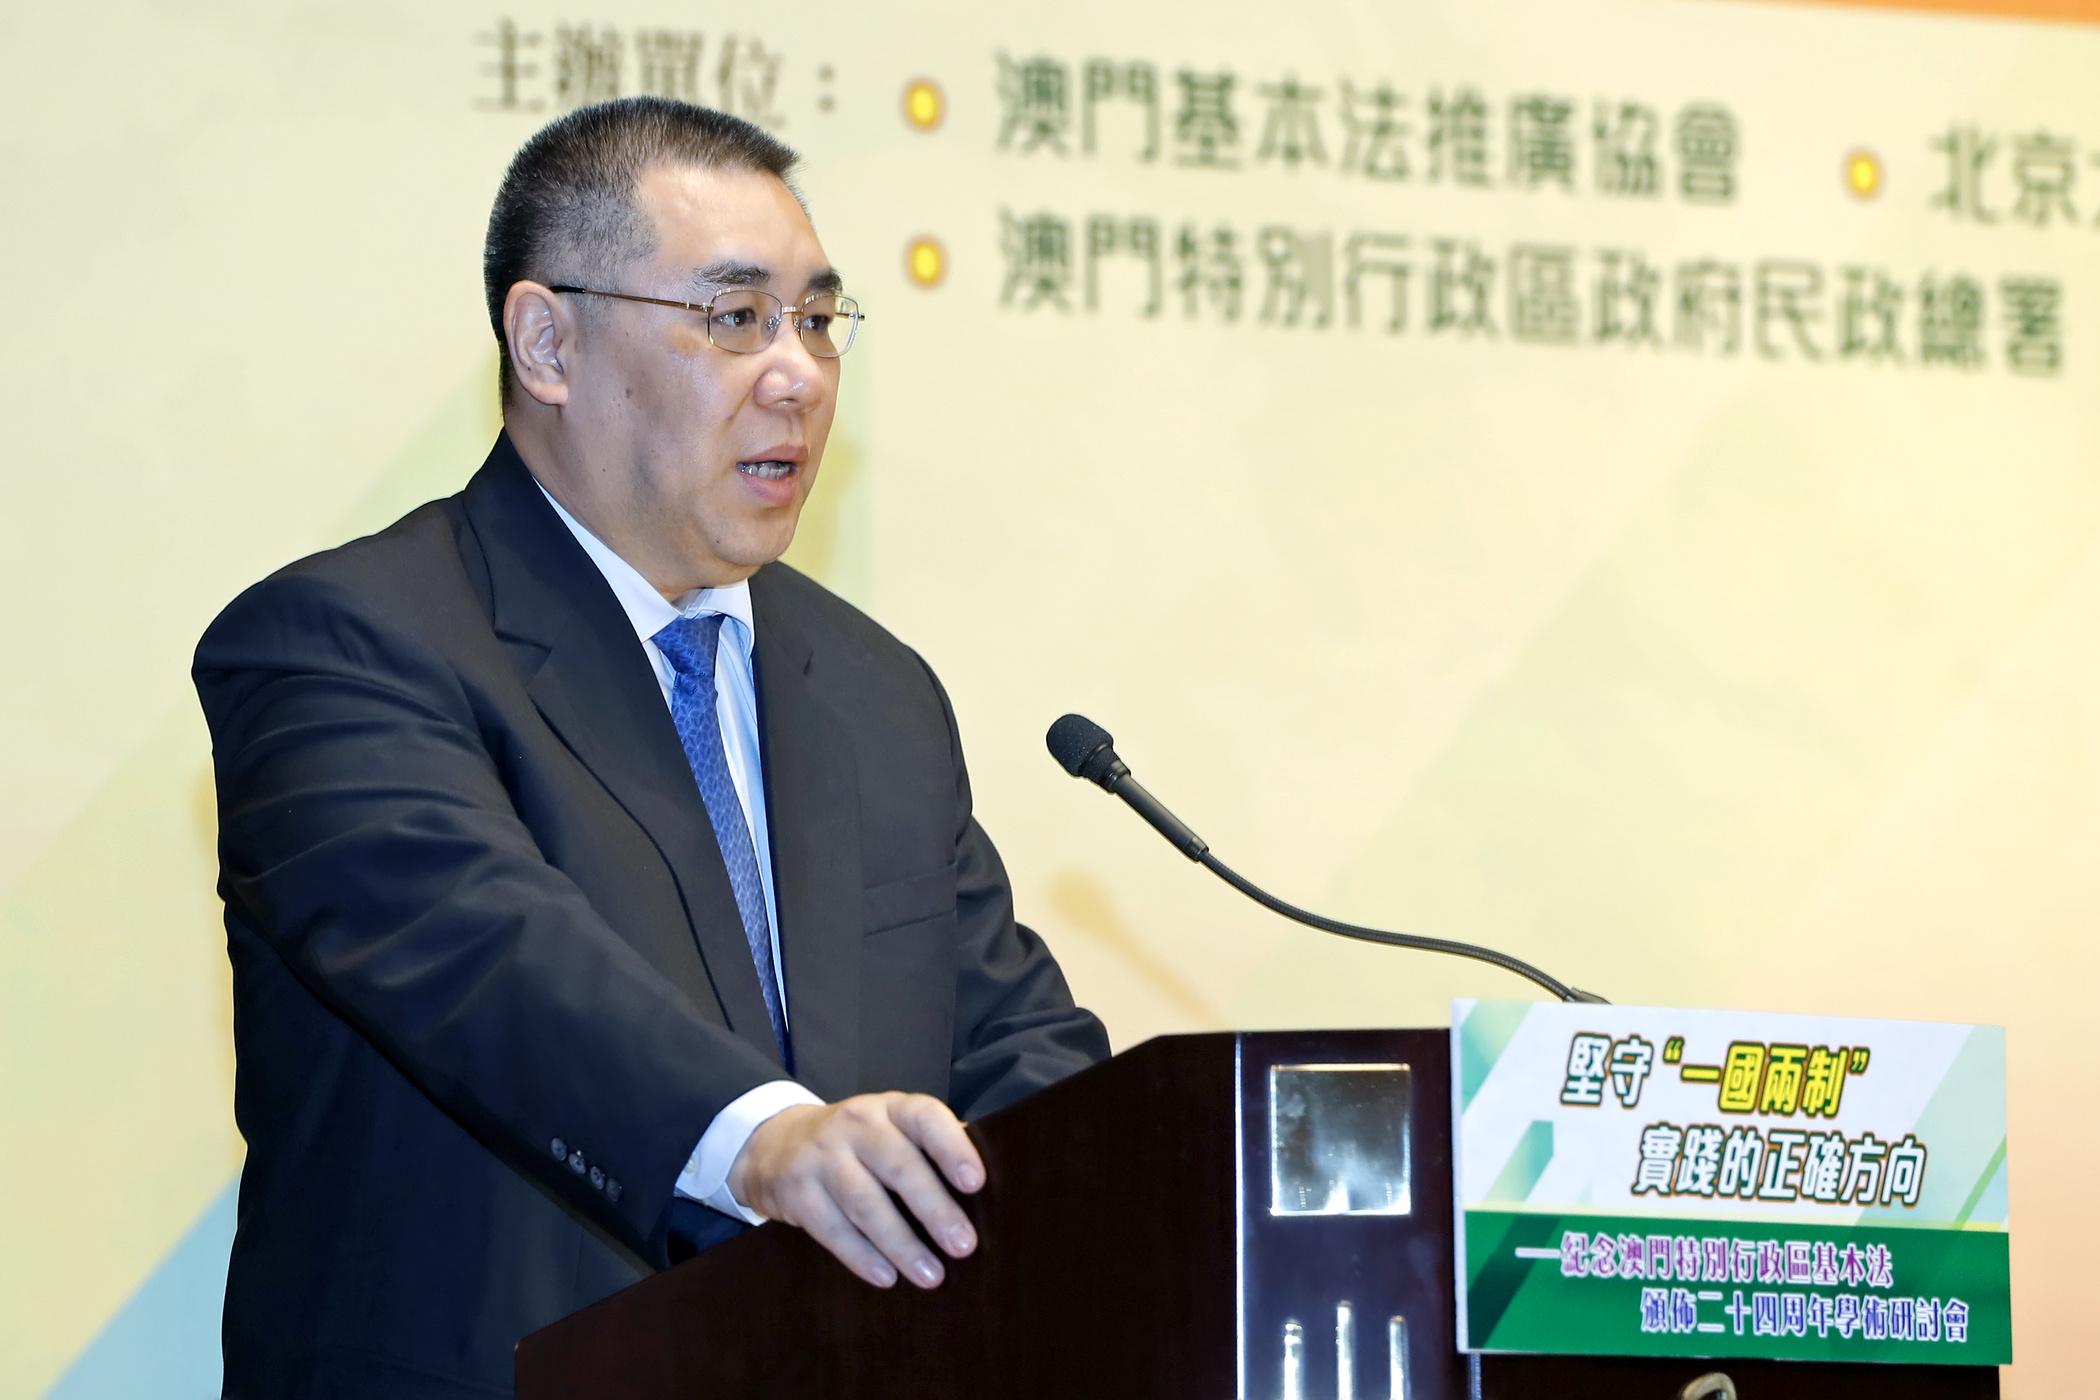 """Recrutamento   Chui Sai On diz estar """"triste"""" com processo do Instituto Cultural"""